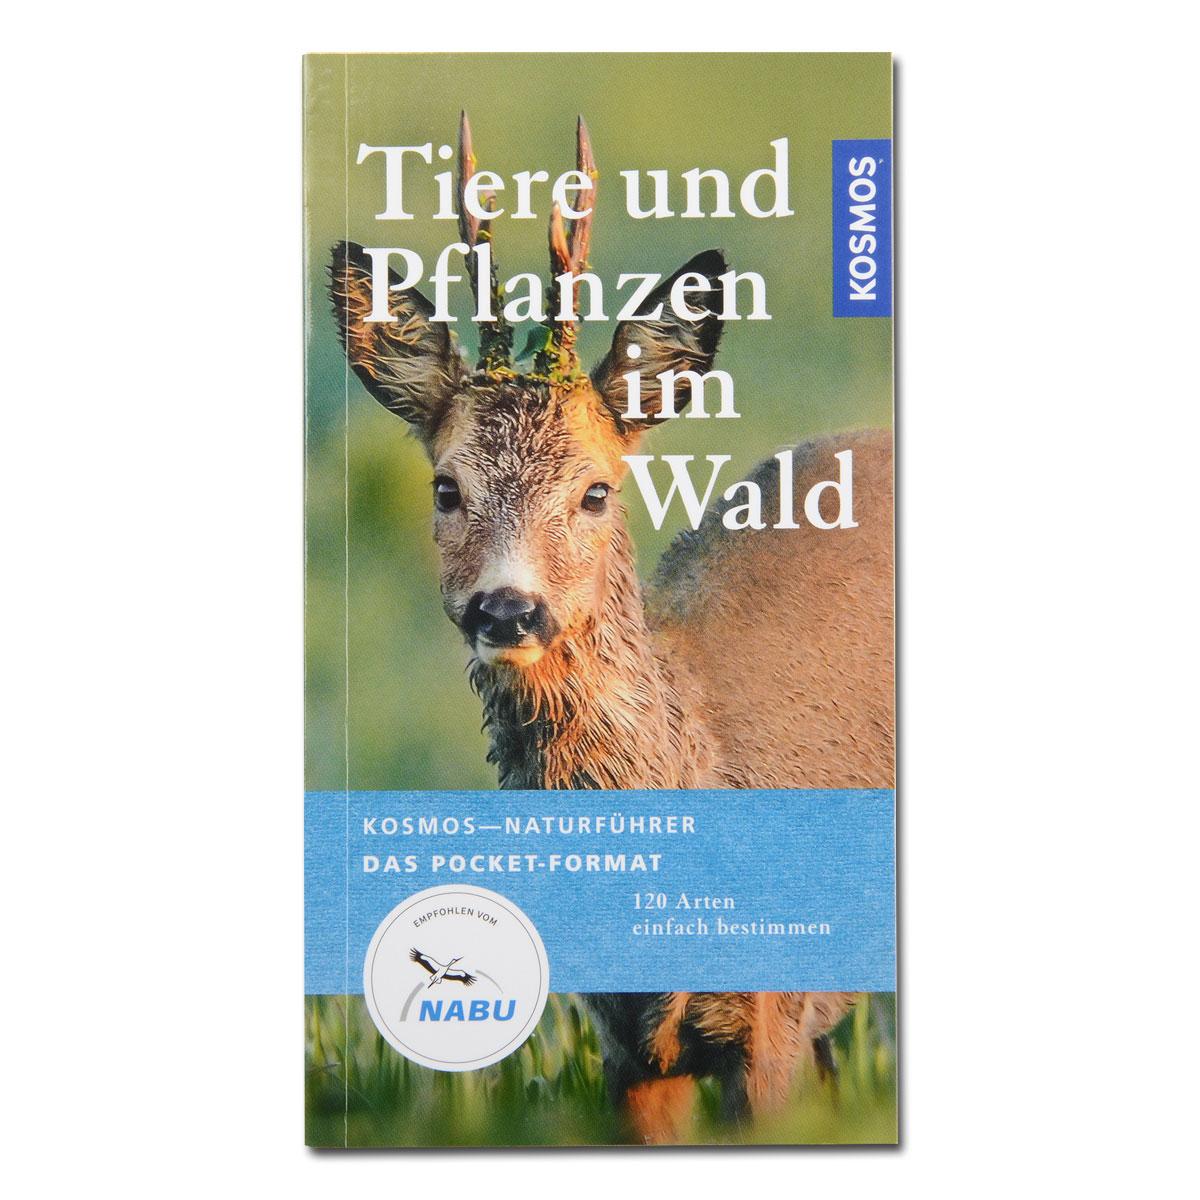 Tiere und Pflanzen im Wald (Pocket-Format) im Pareyshop